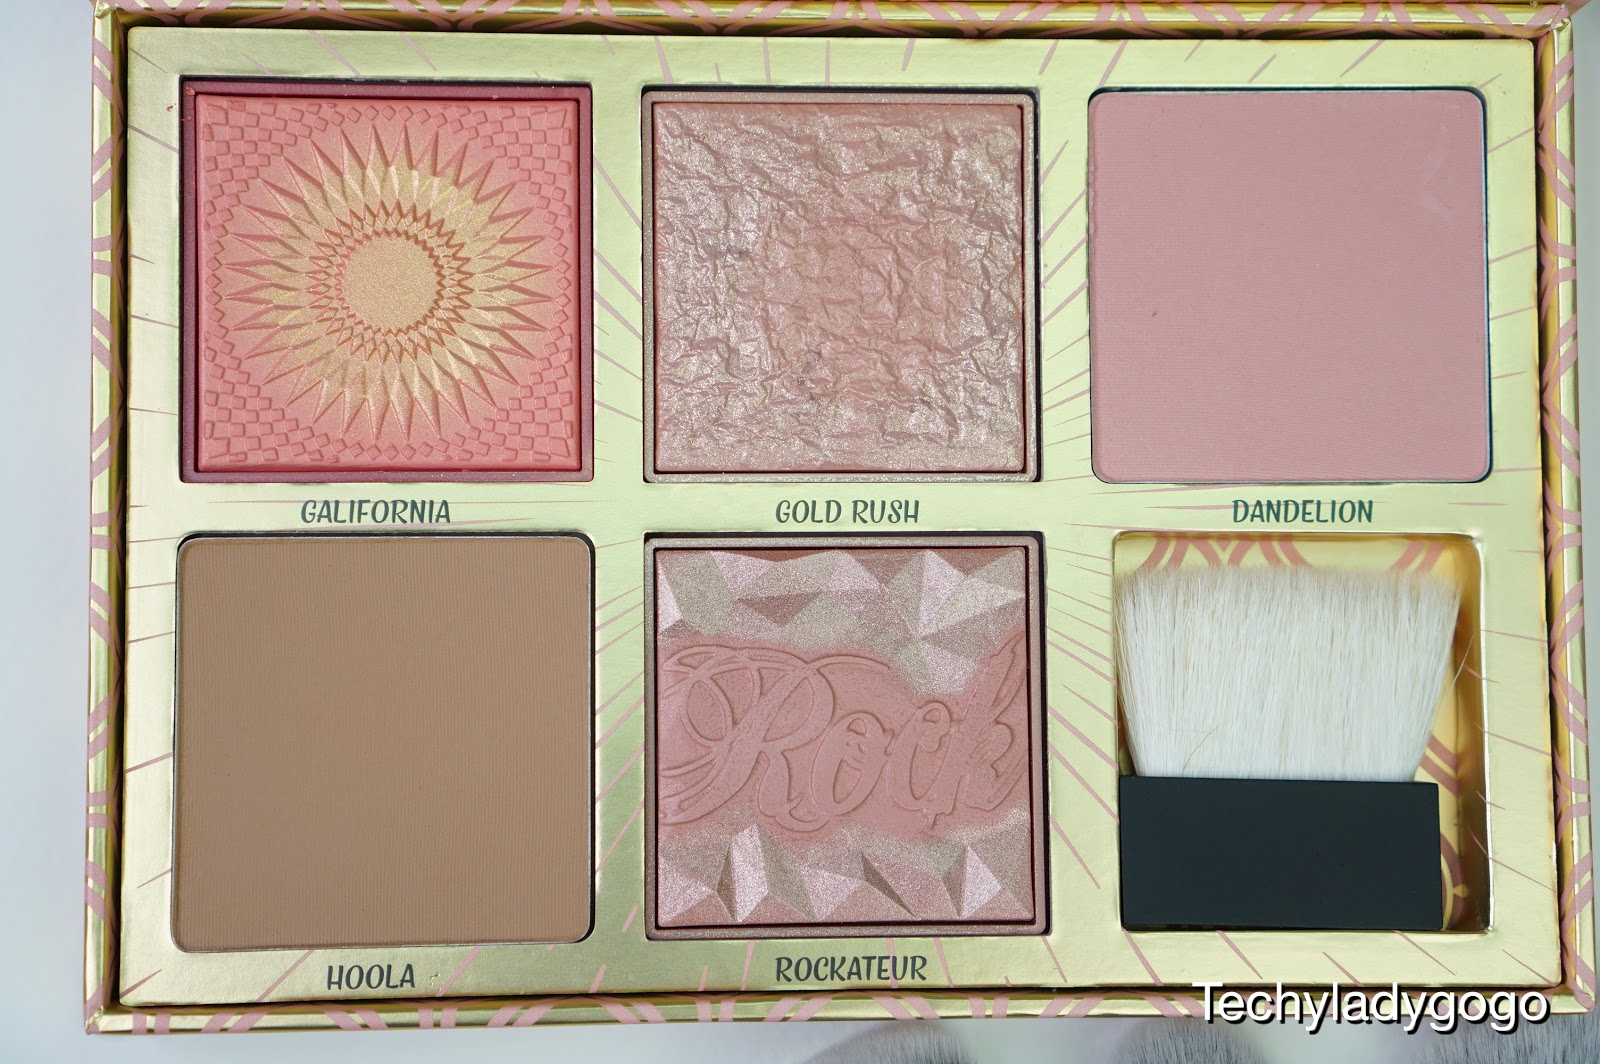 รีวิว BENEFIT COSMETICS Blush Bar Cheeks on Pointe Blush & Bronzer Palette พาเลทบลัชออนสุดคุ้ม ใหม่ล่าสุด ที่สาวหวานต้องมี